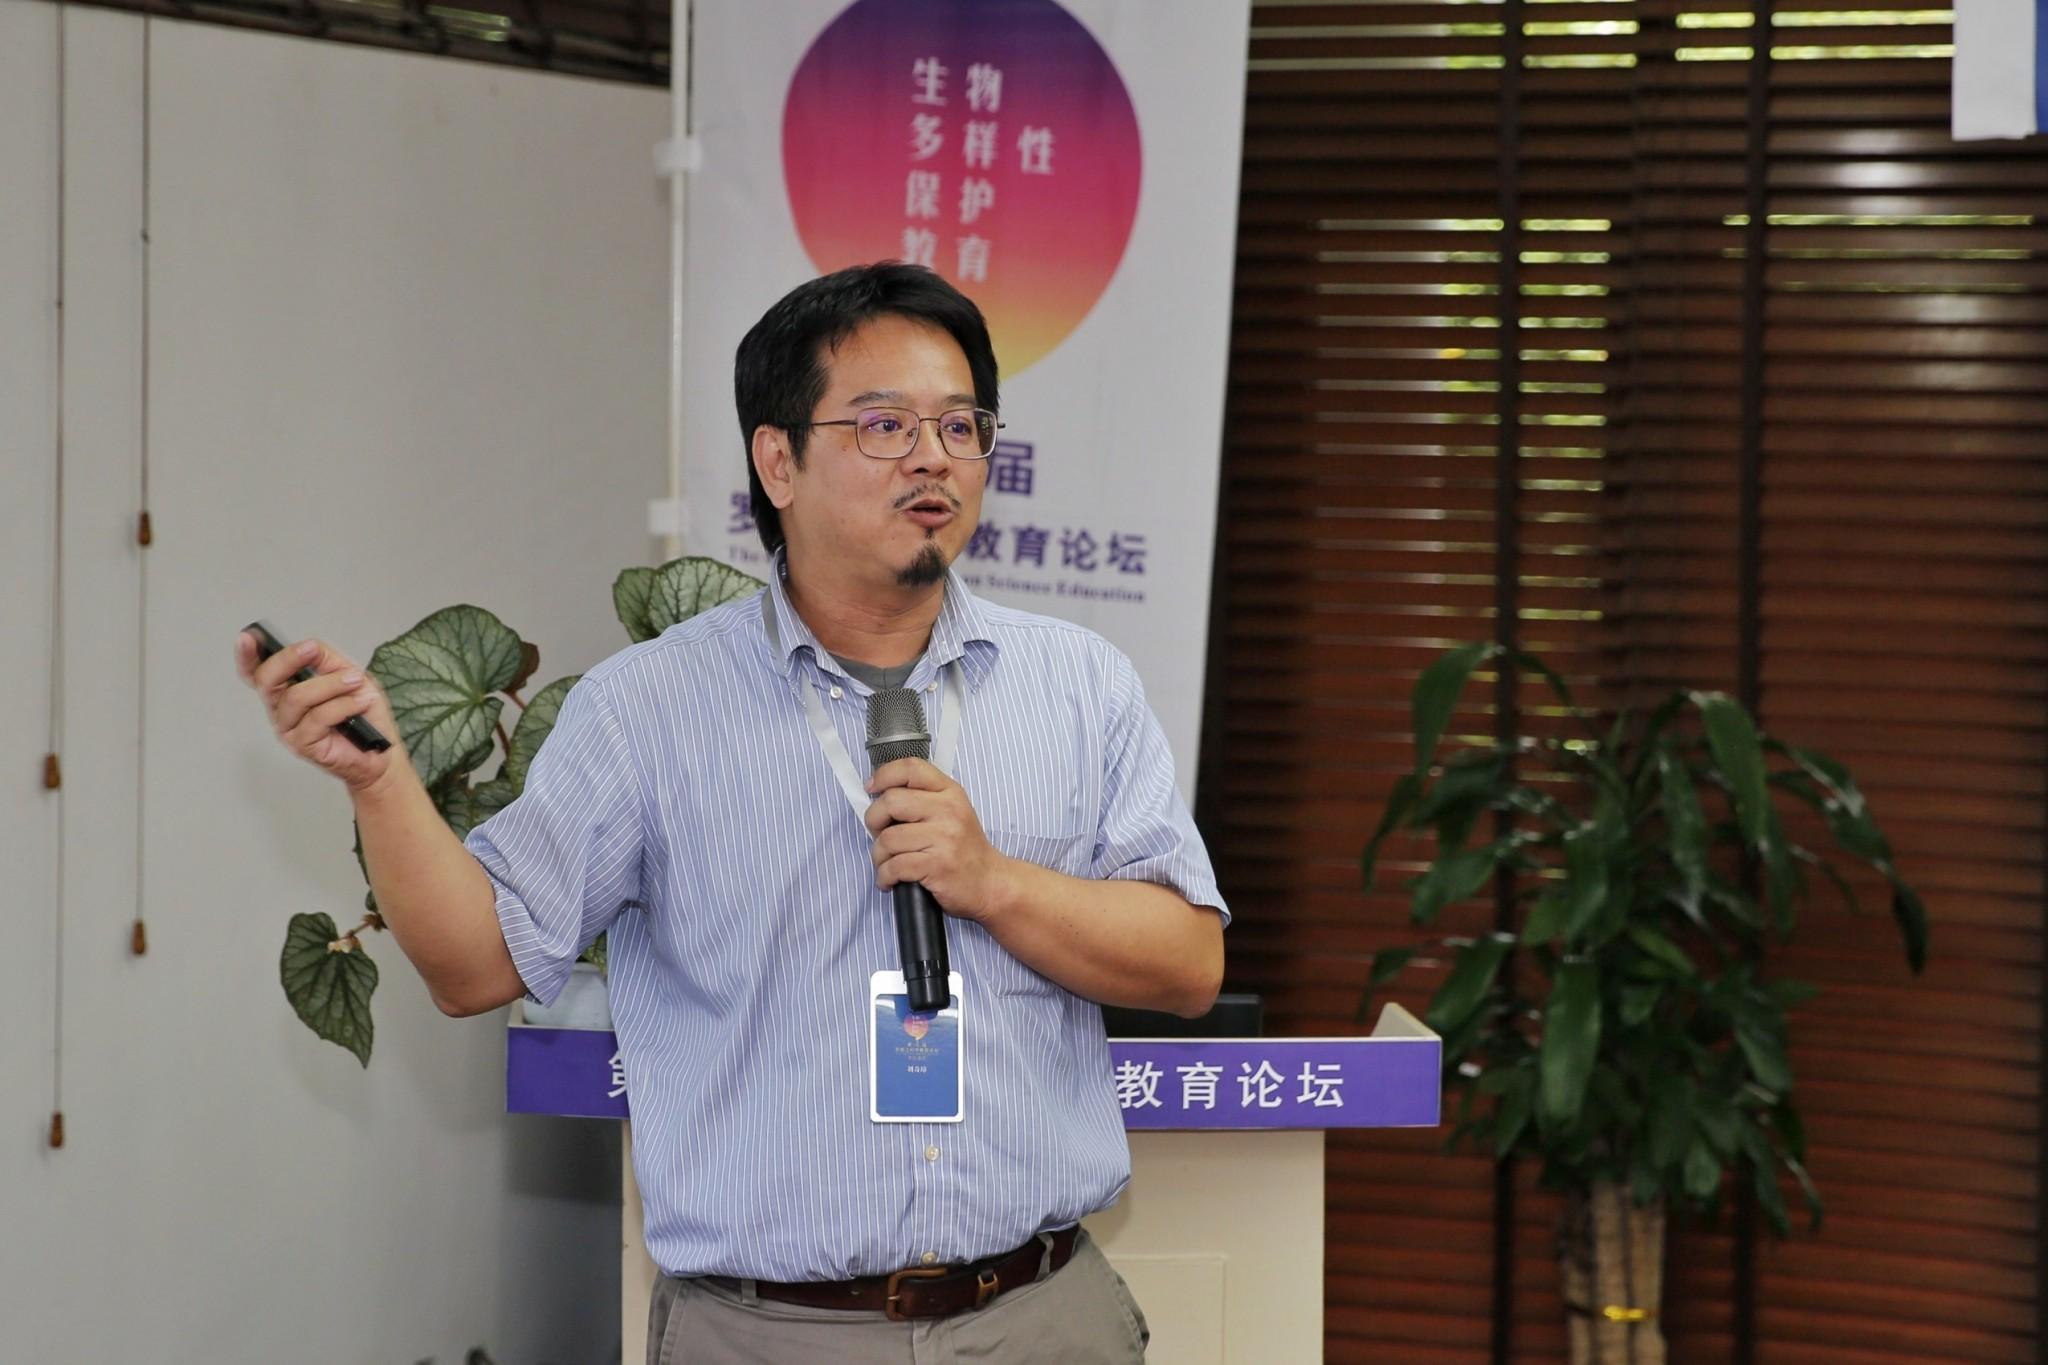 【专题报告】台湾大学 刘奇璋:从学习的角度来看公民科学家的学习行为,以参与社群为理论基础